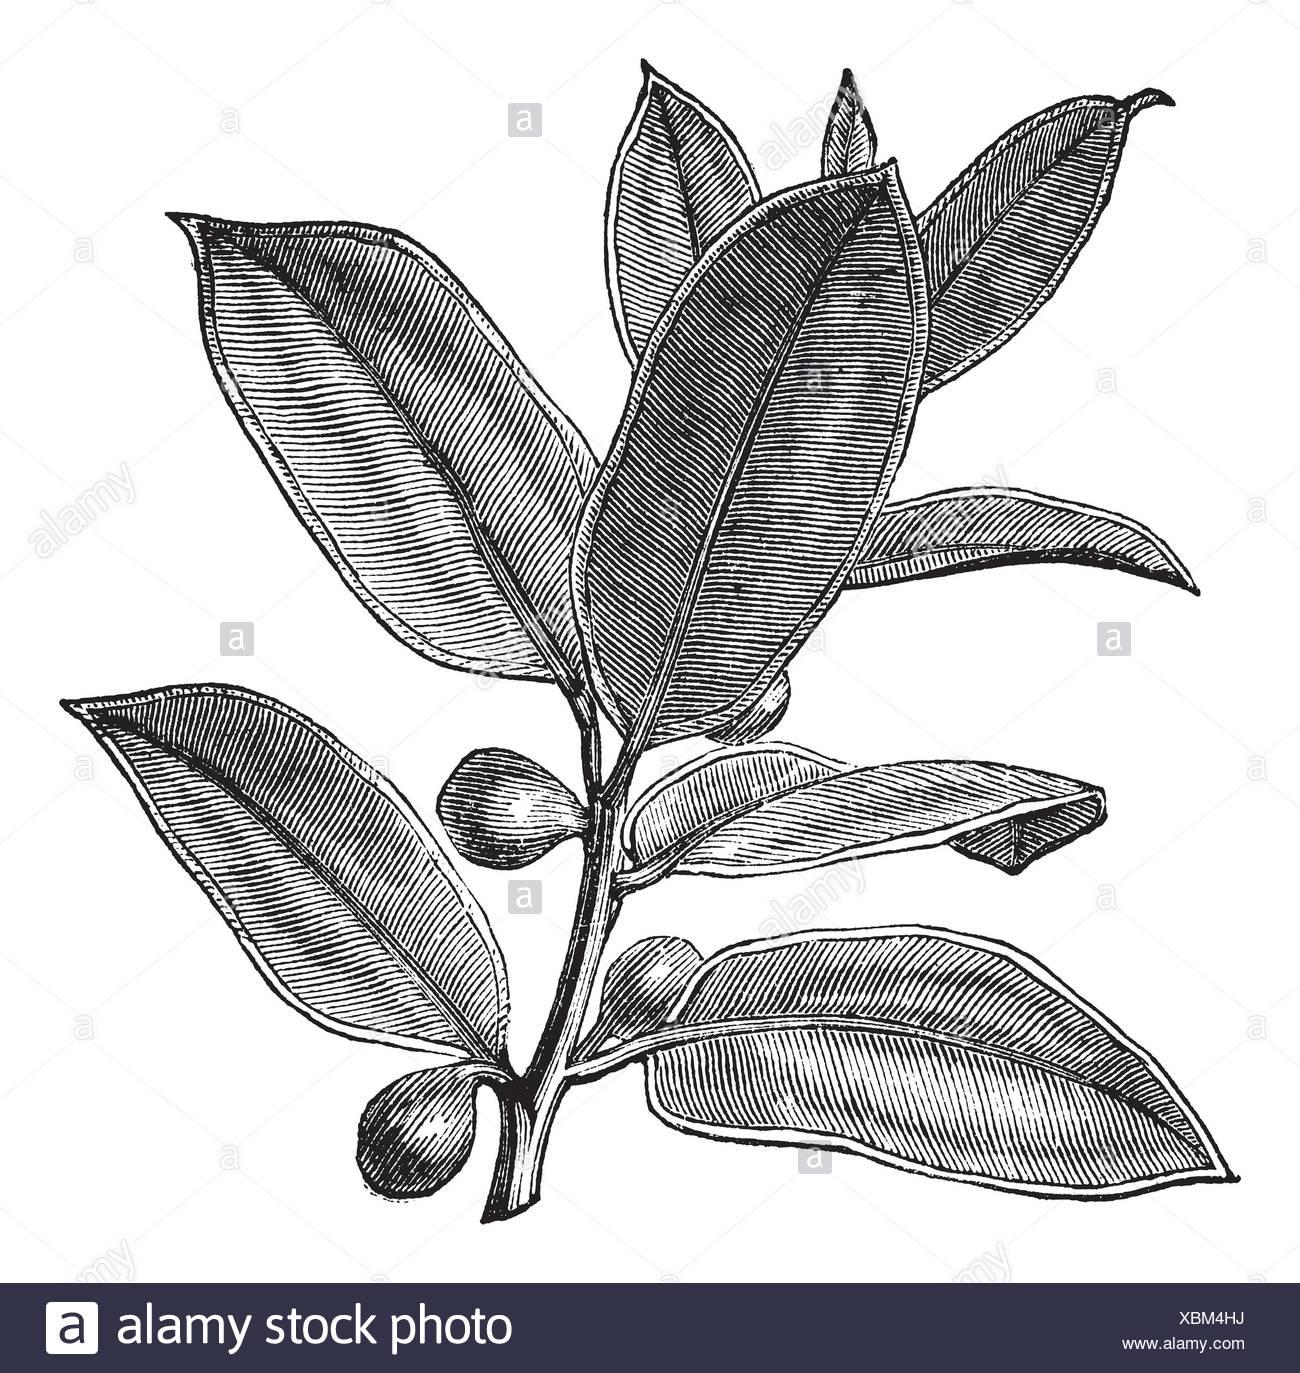 Come Riprodurre Il Ficus Benjamin impianto di gomma o gomma fig o boccola in gomma o gomma